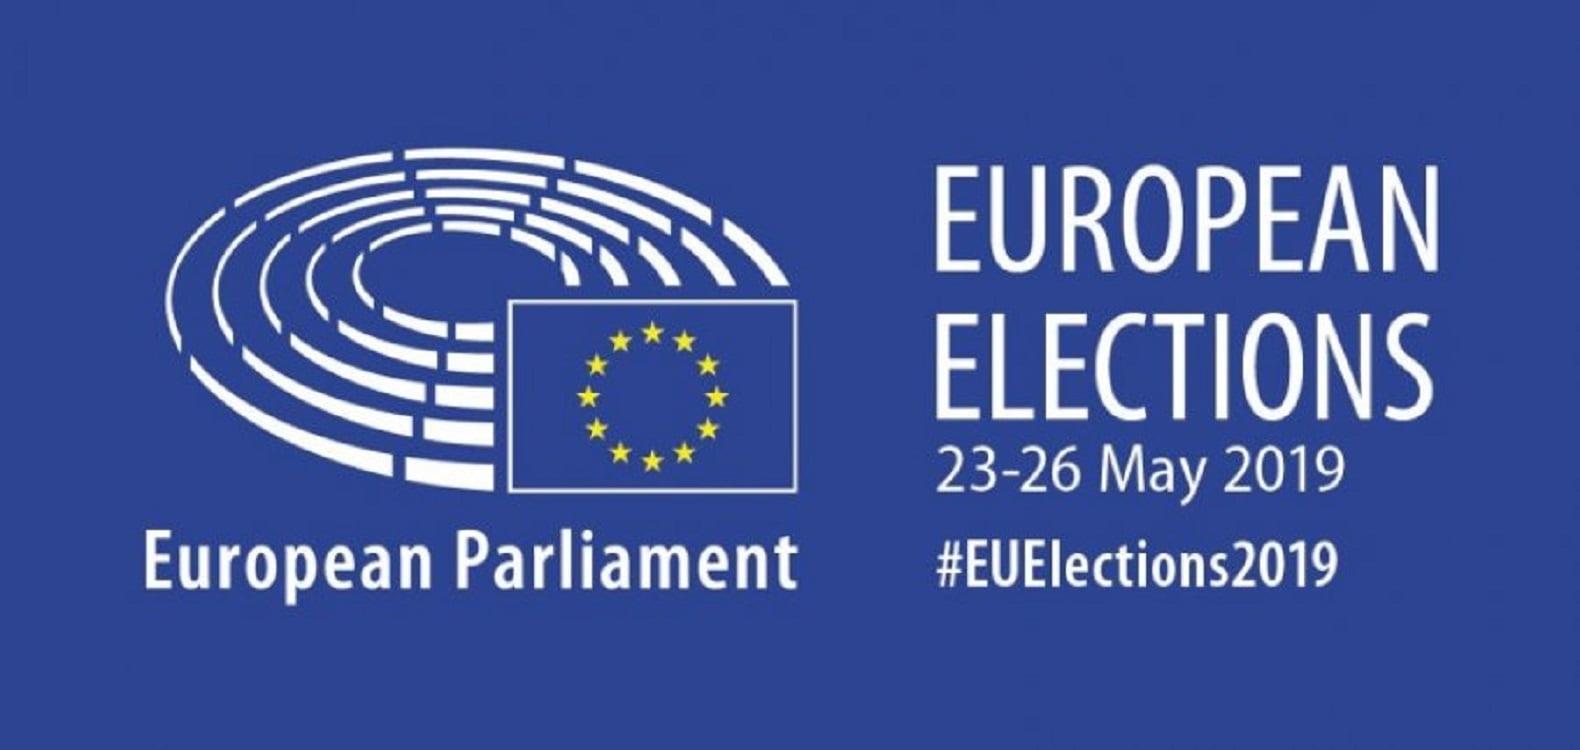 neser-fillojne-zgjedhjet-per-parlamentin-europian-ne-britanine-e-madhe